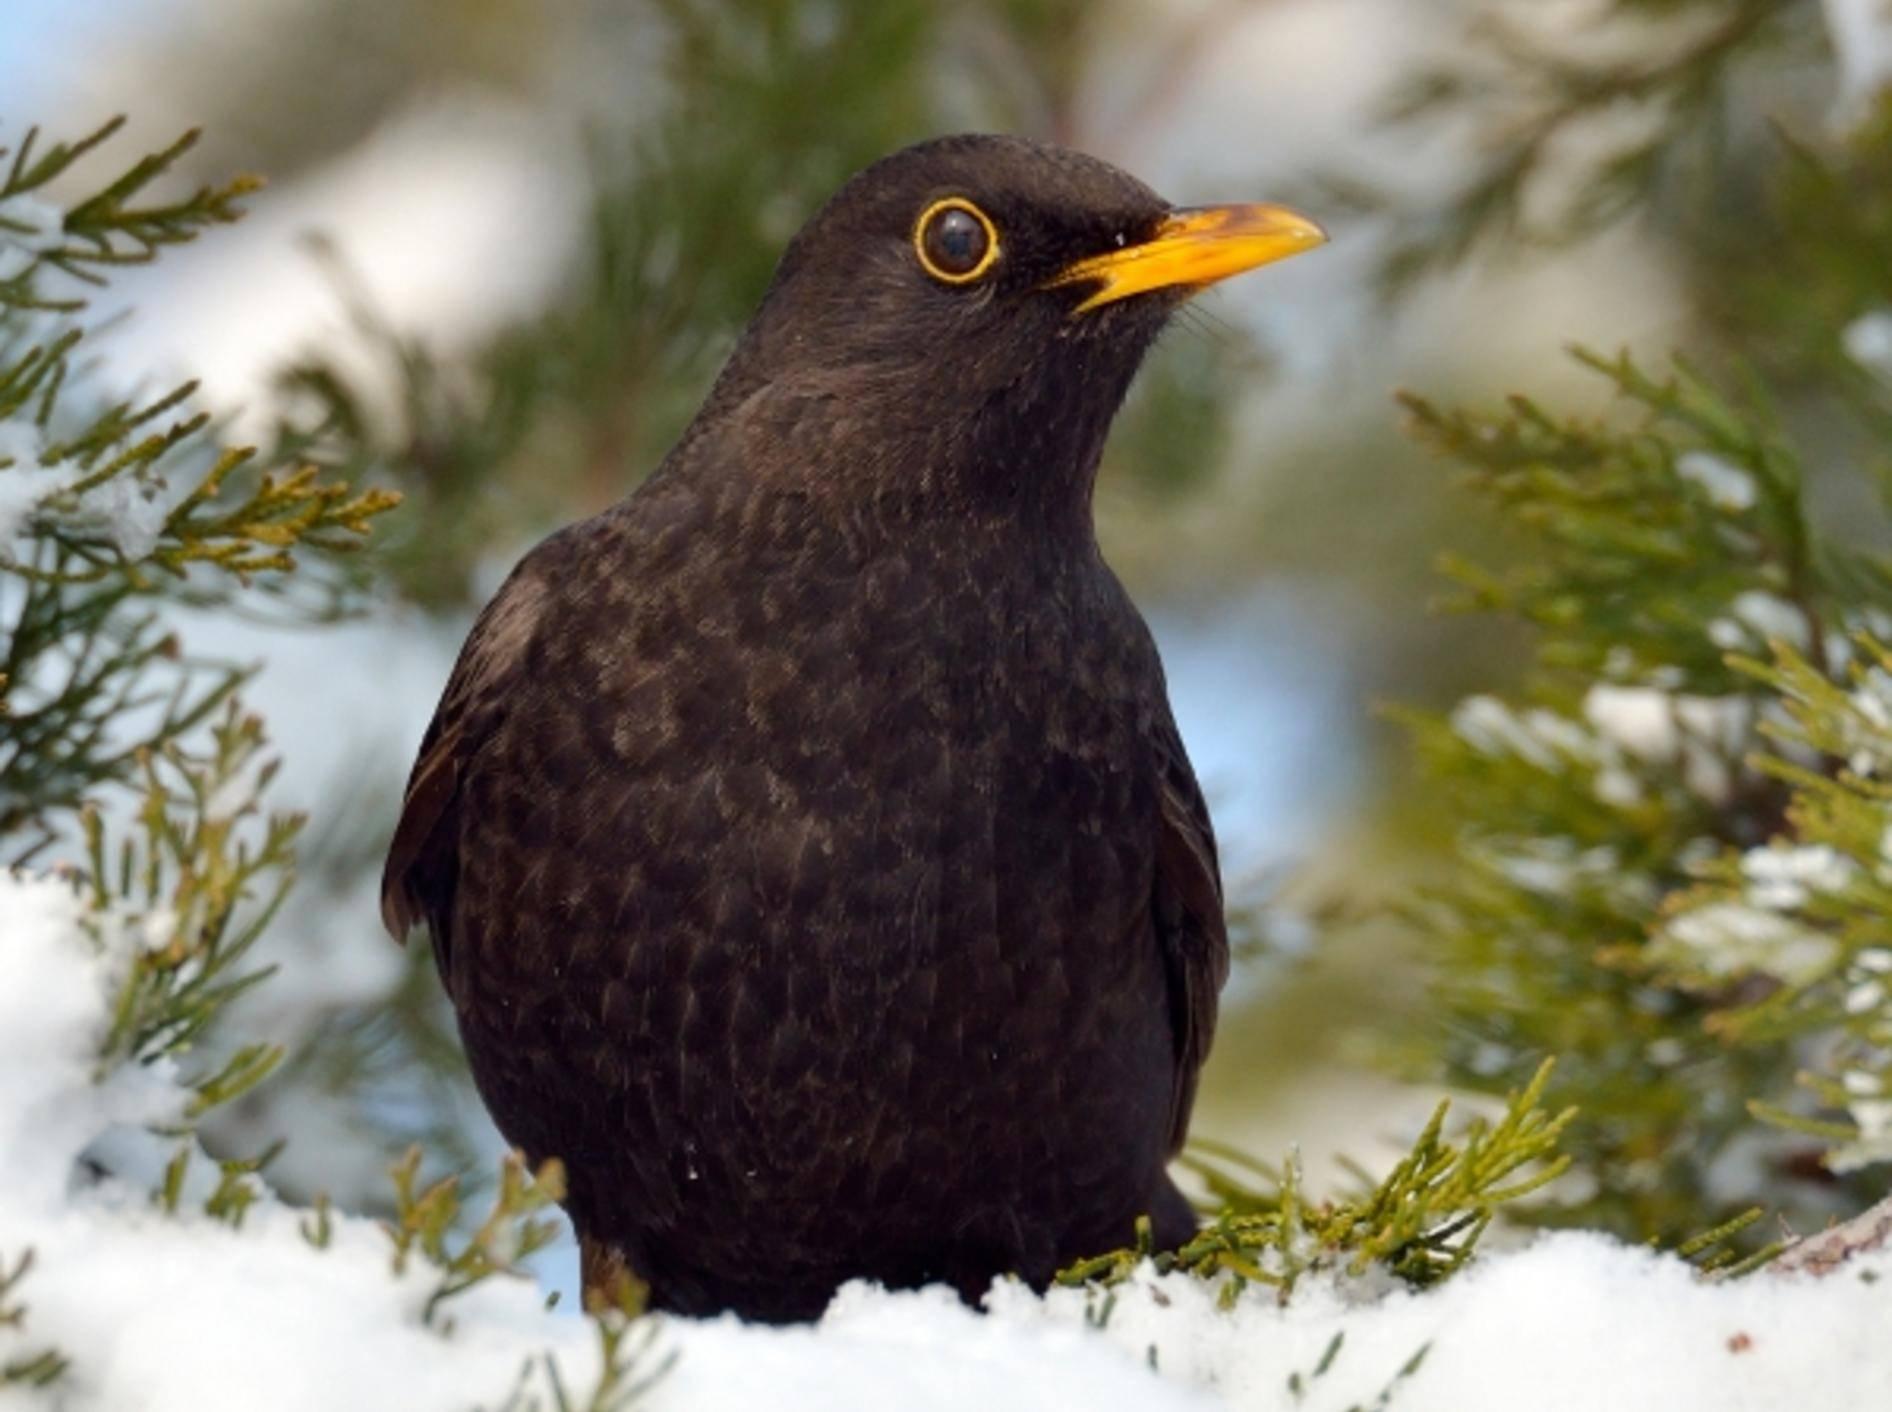 Wegen Lärm: Amseln und andere Vögel singen in Städten lauter